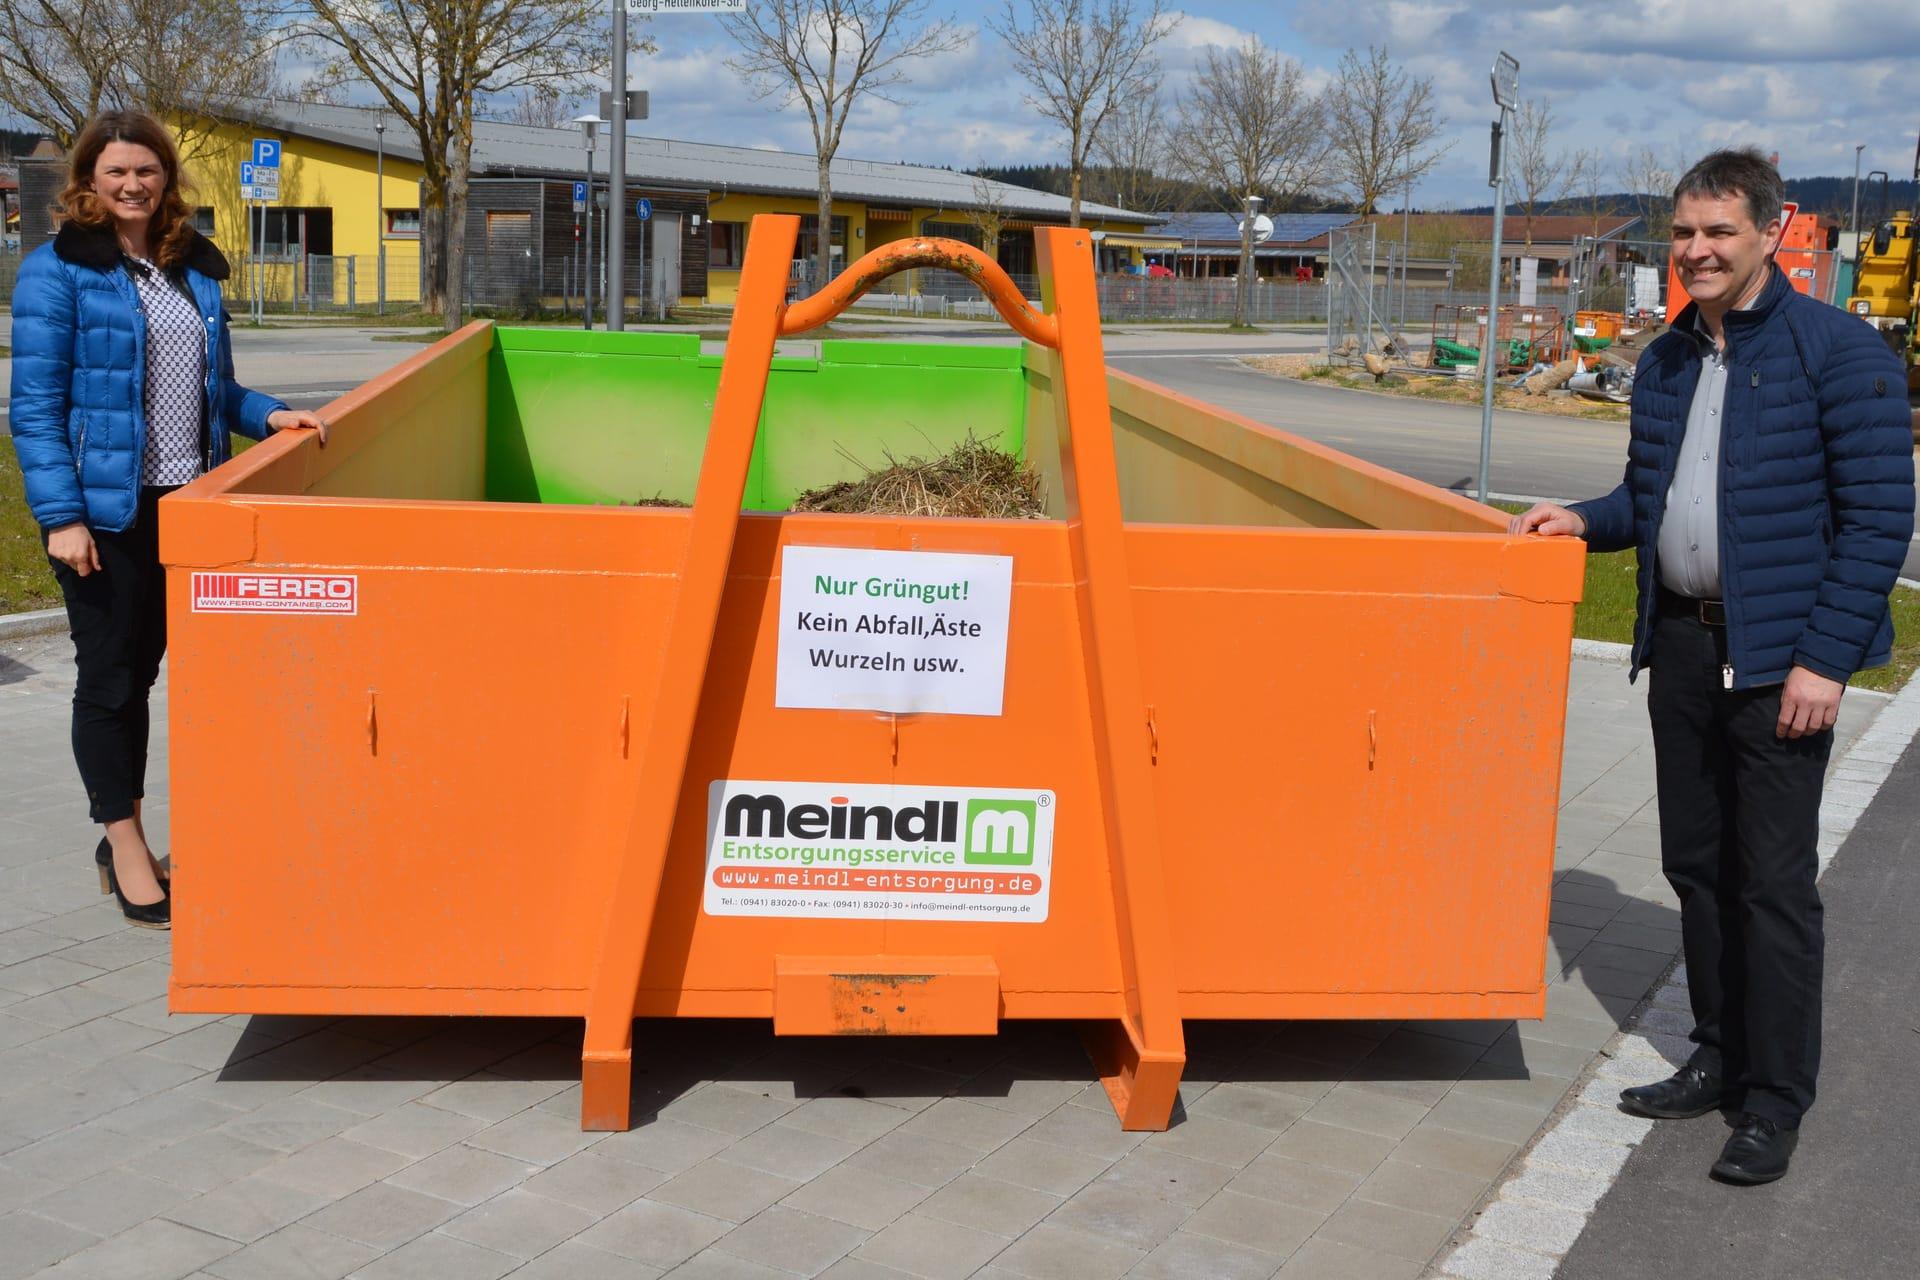 Drei zusätzliche Container in Regenstauf aufgestellt Rasenschnitt noch komfortabler entsorgen